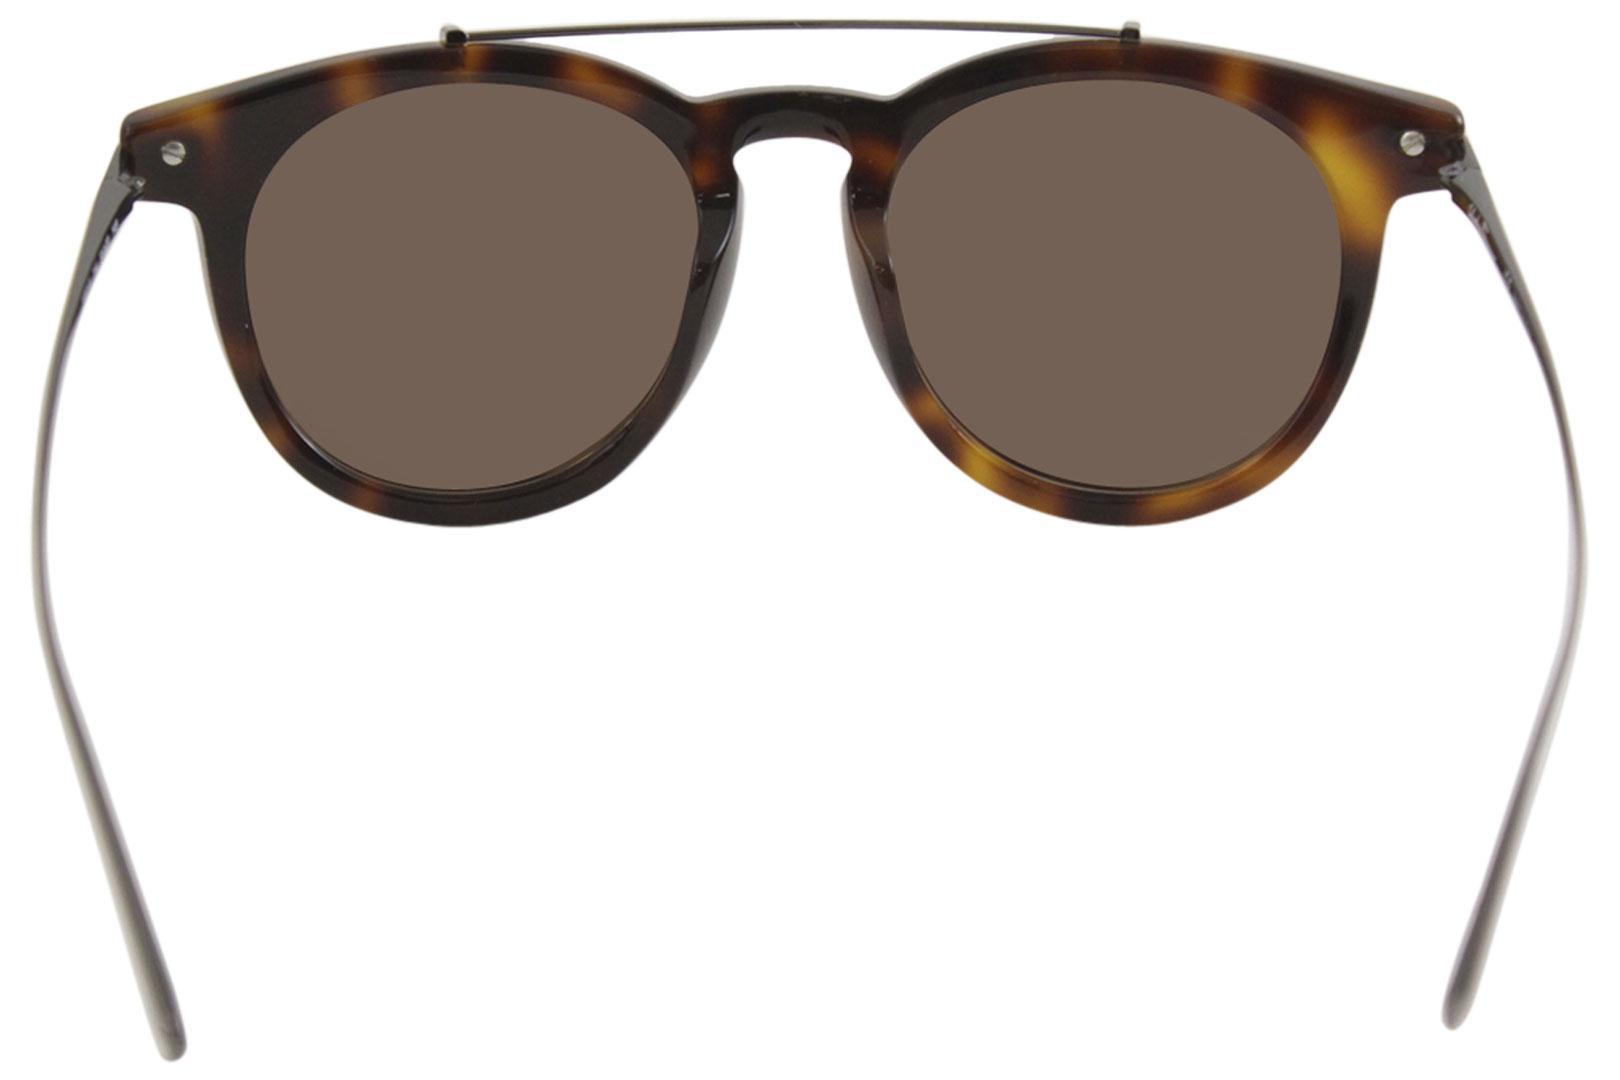 1d3ccfa35b Salvatore Ferragamo Women s S821S SF 821 S Fashion Round Sunglasses by Salvatore  Ferragamo. 12345